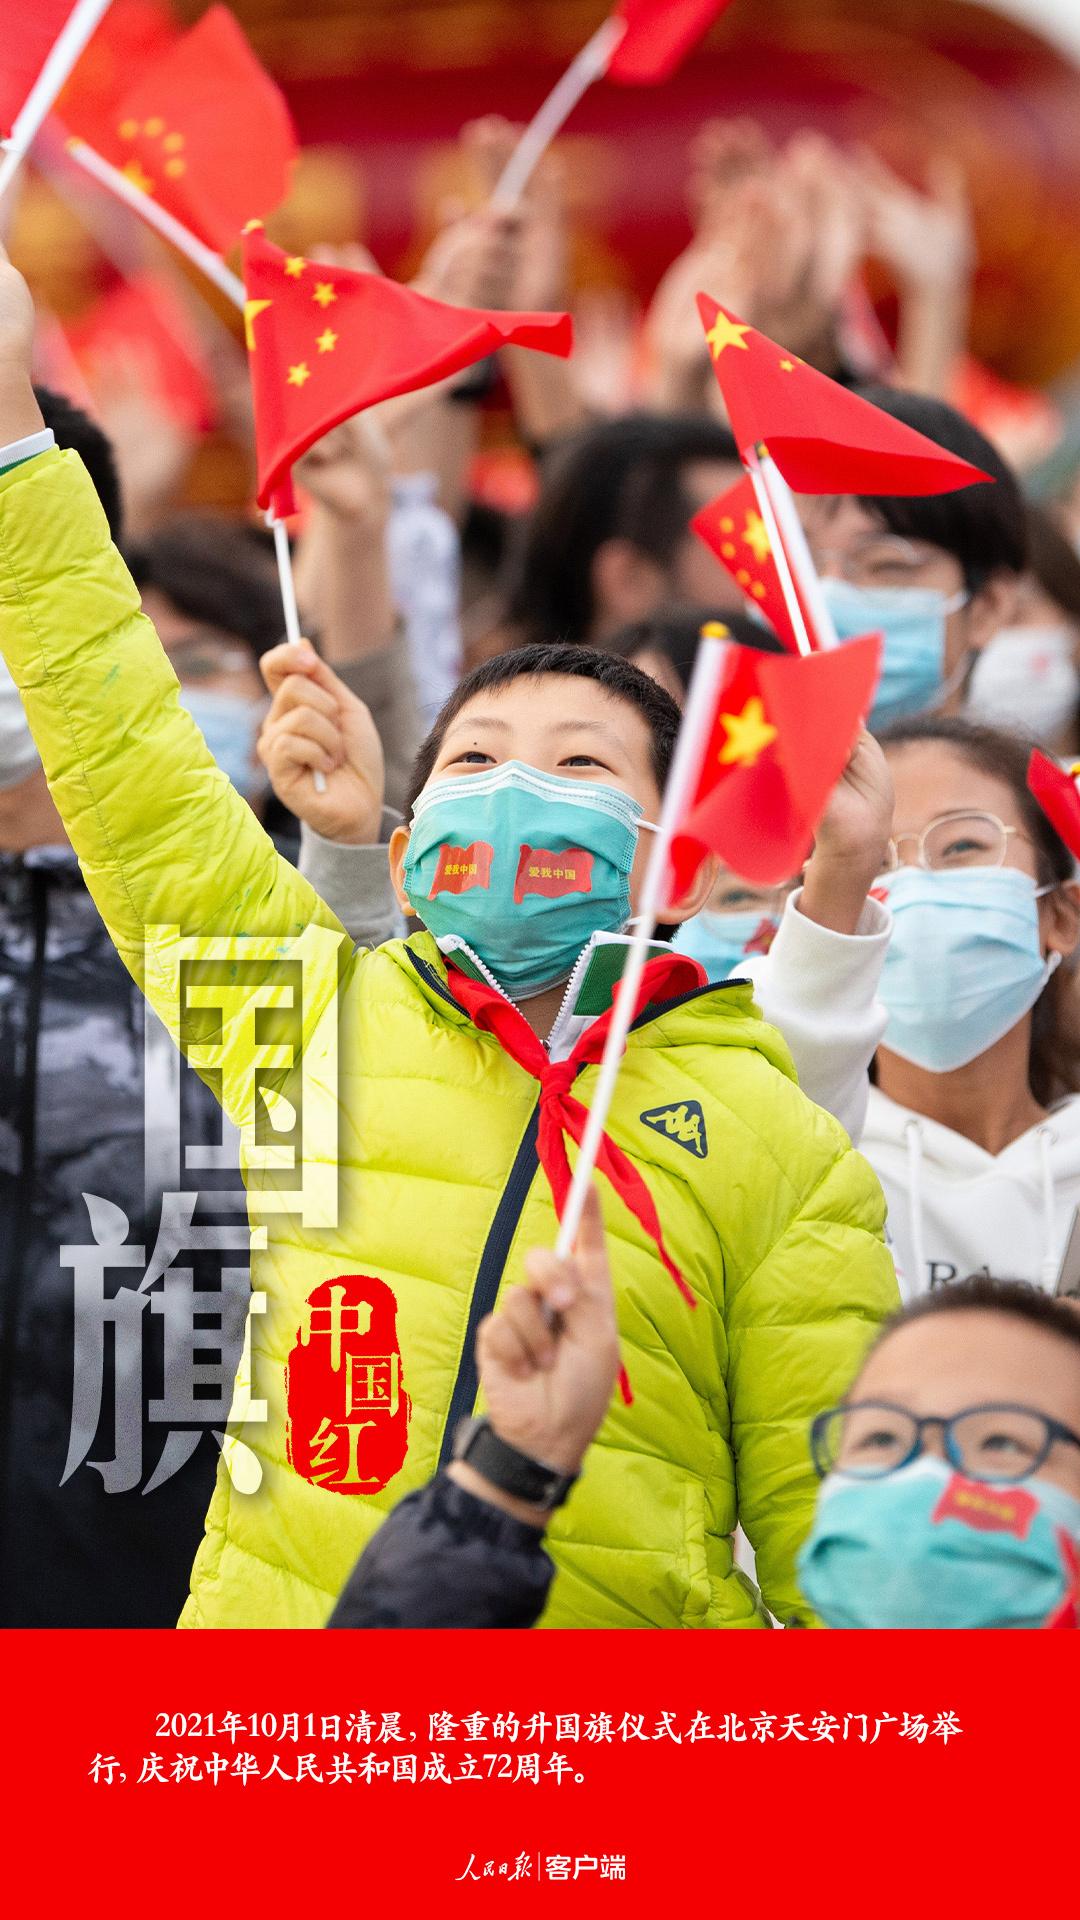 这就是中国丨最美不过那一抹红!